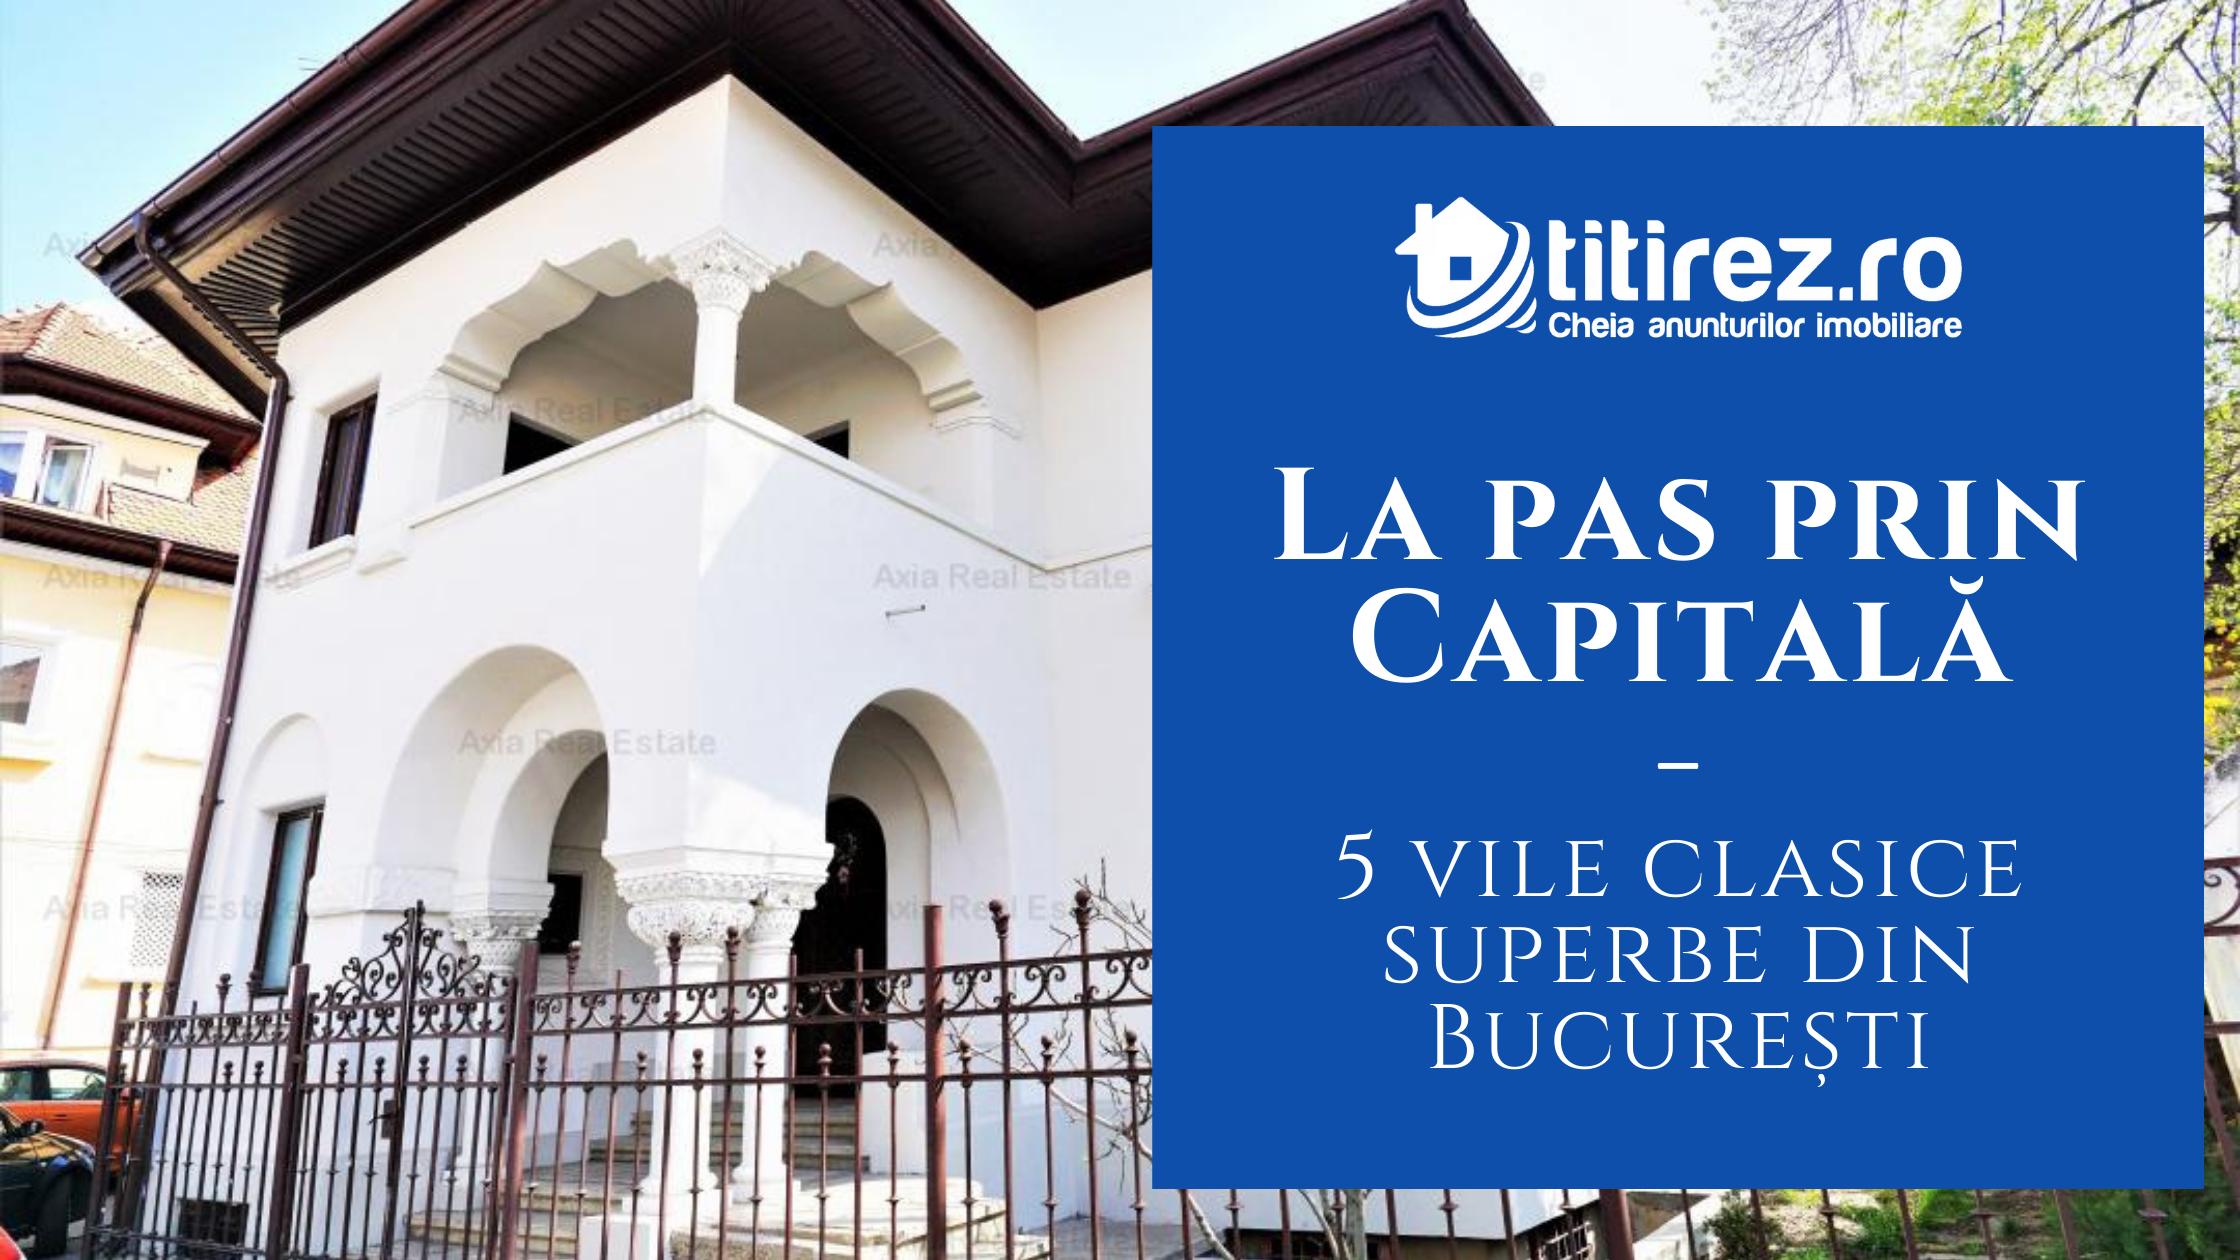 La pas prin Capitală: cele mai frumoase 5 vile clasice propuse spre vânzare în București